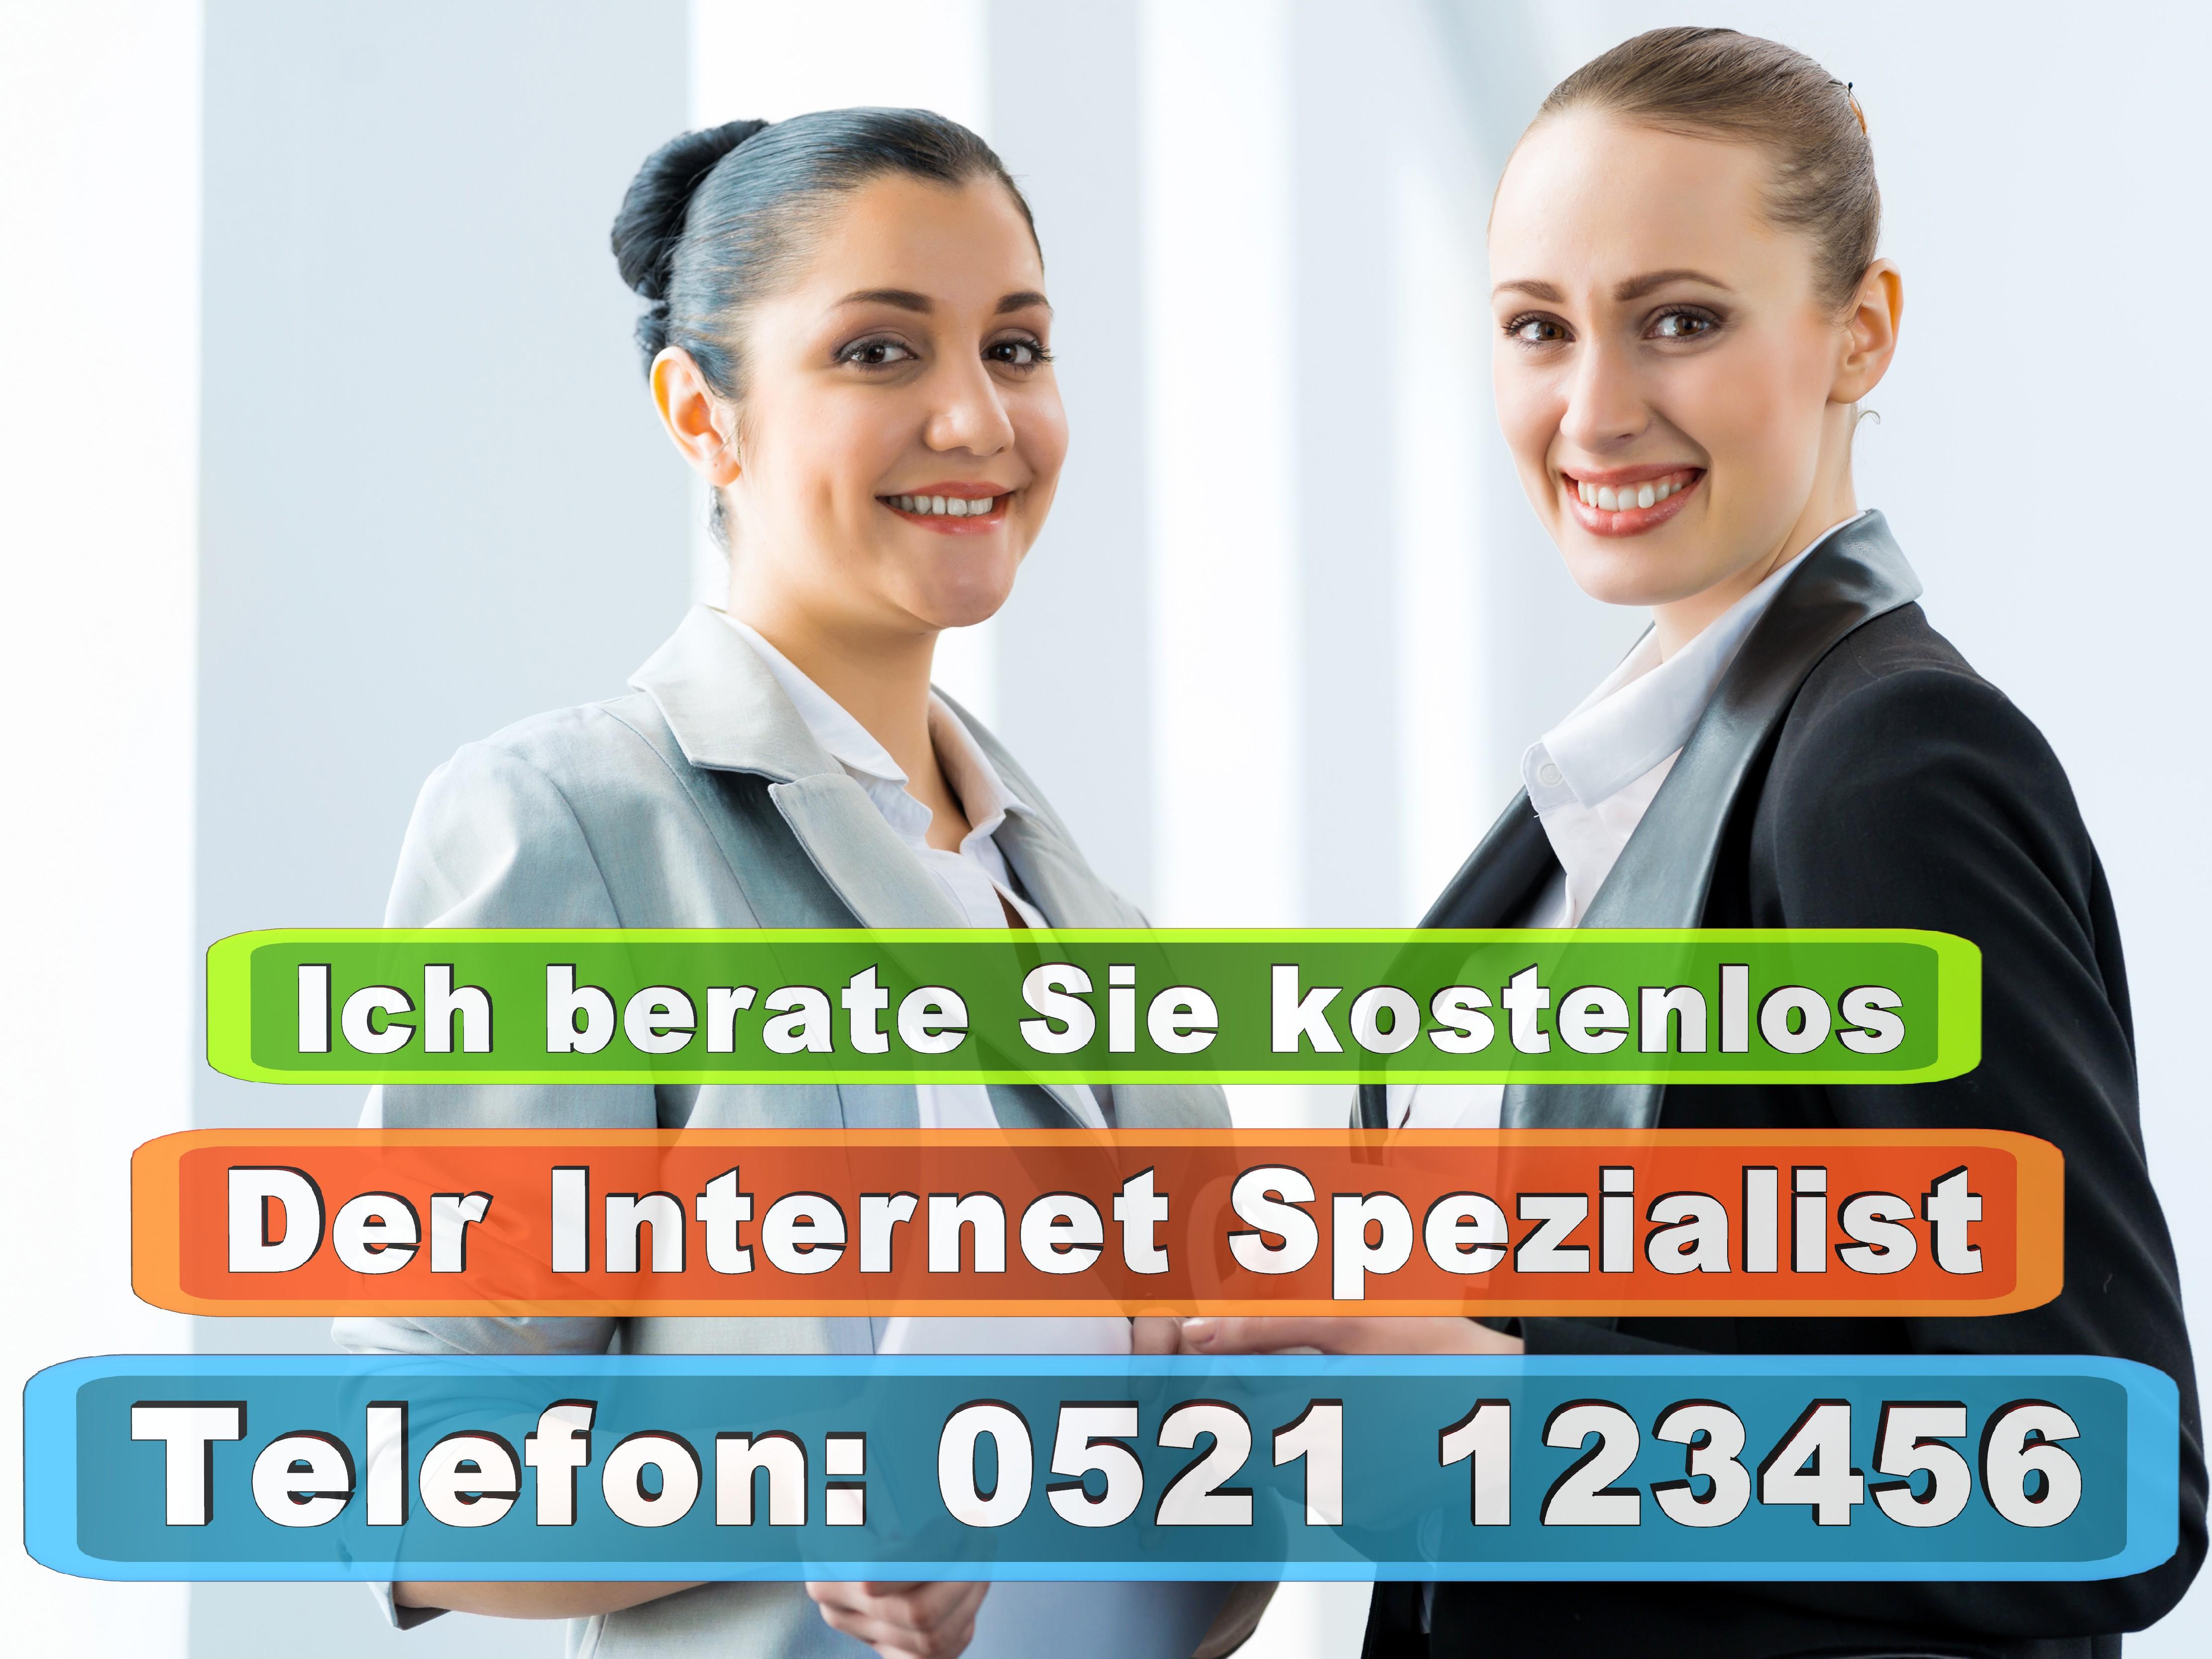 Steuerberater Bielefeld Rechtsanwalt Bielefeld Hausverwaltung Bielefeld Immobilien Bielefeld Architekt Bielefeld Büro Versicherungen (4)